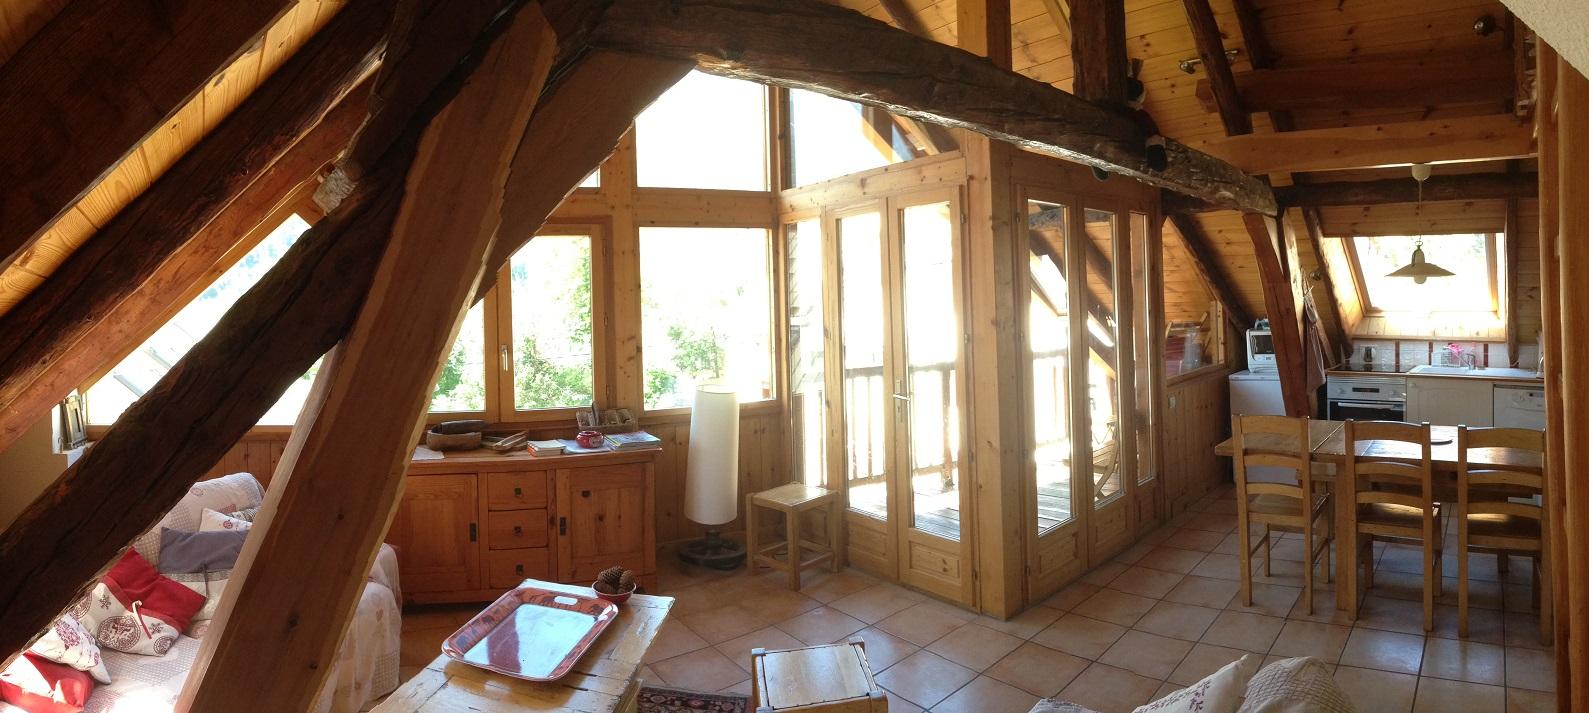 location serrechevalier 1500 aya appartement avec terrasse vue panoramique terrasse soleil le monetier les bains